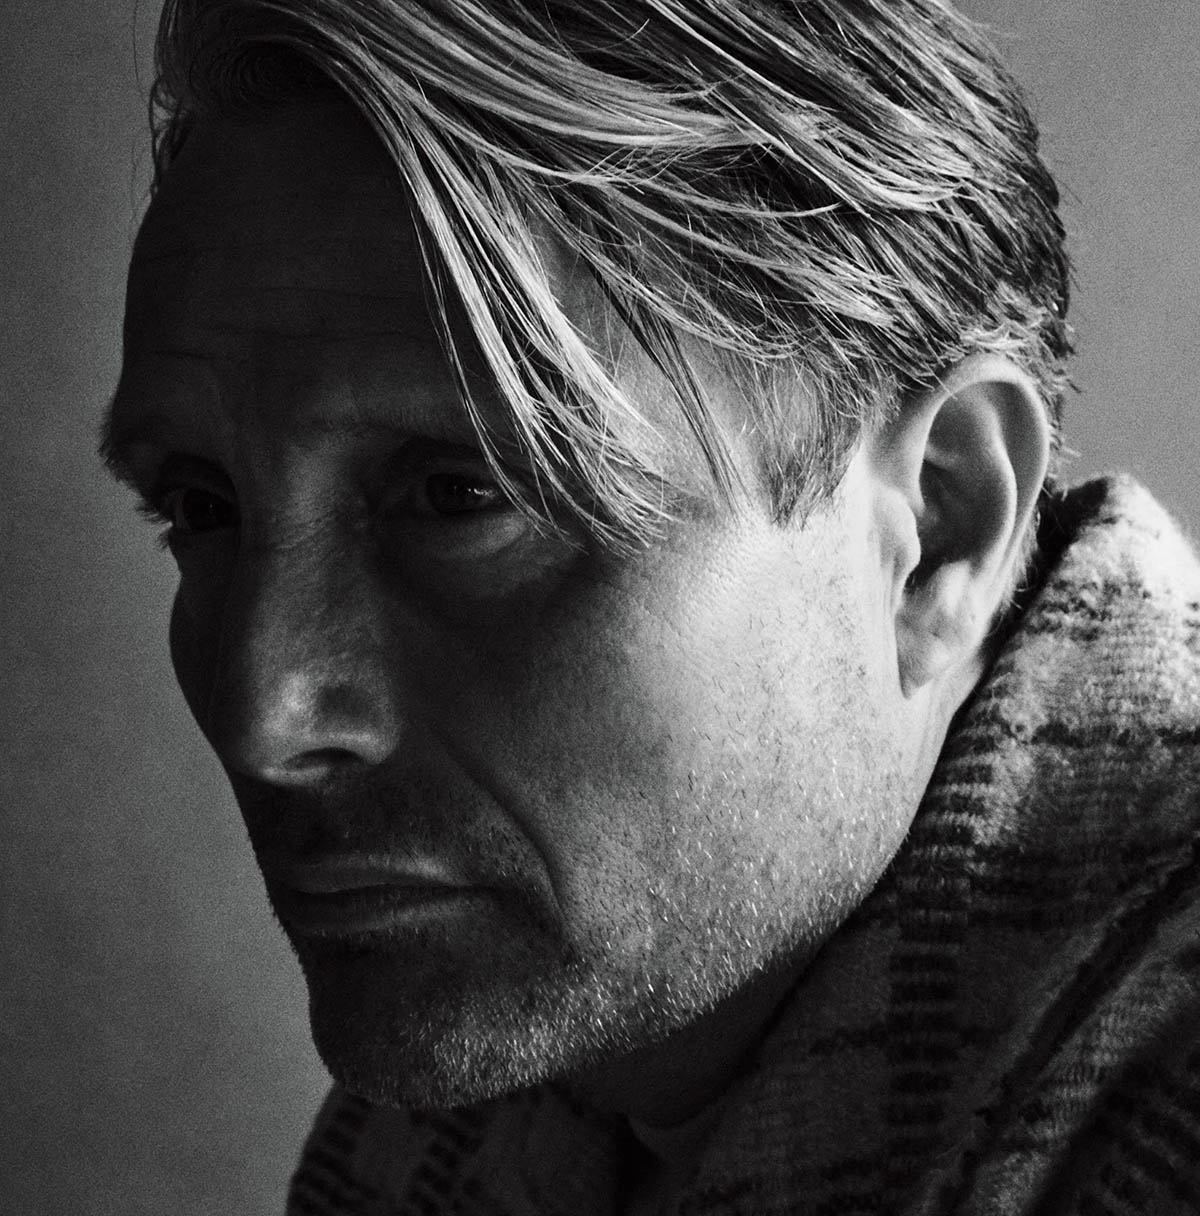 Mads Mikkelsen by Daniel Jackson for WSJ. Magazine Spring 2021 Men's Style